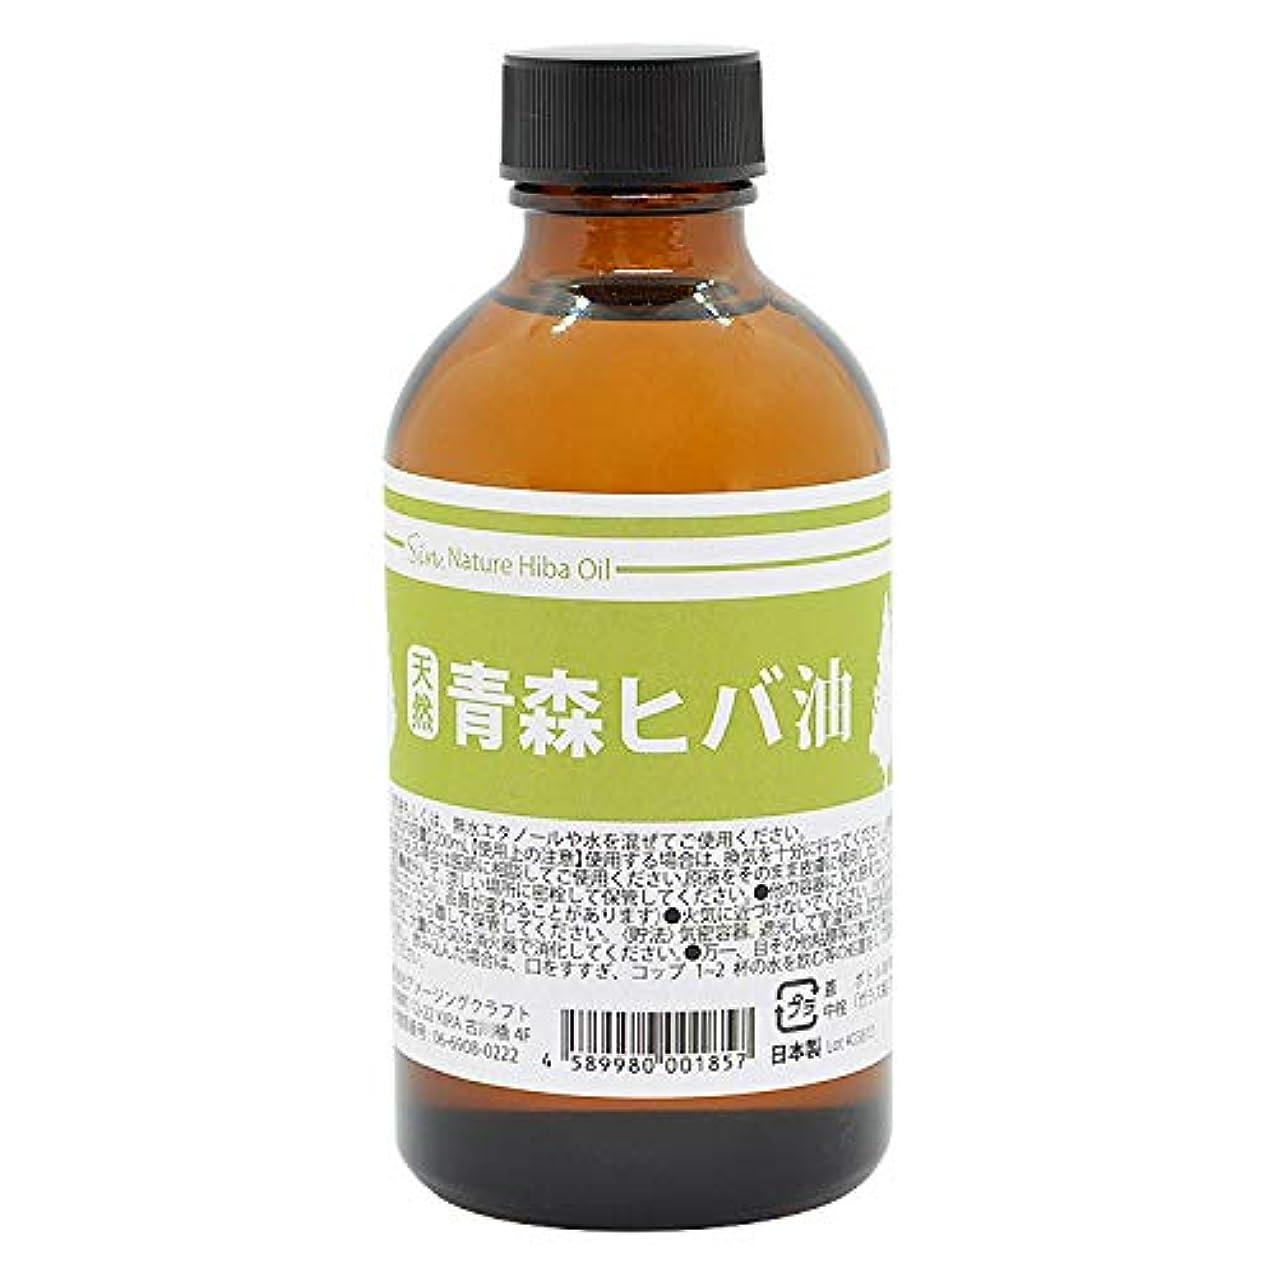 青森県産 天然ひば油 200ml 中栓付き 天然製油ヒバオイル